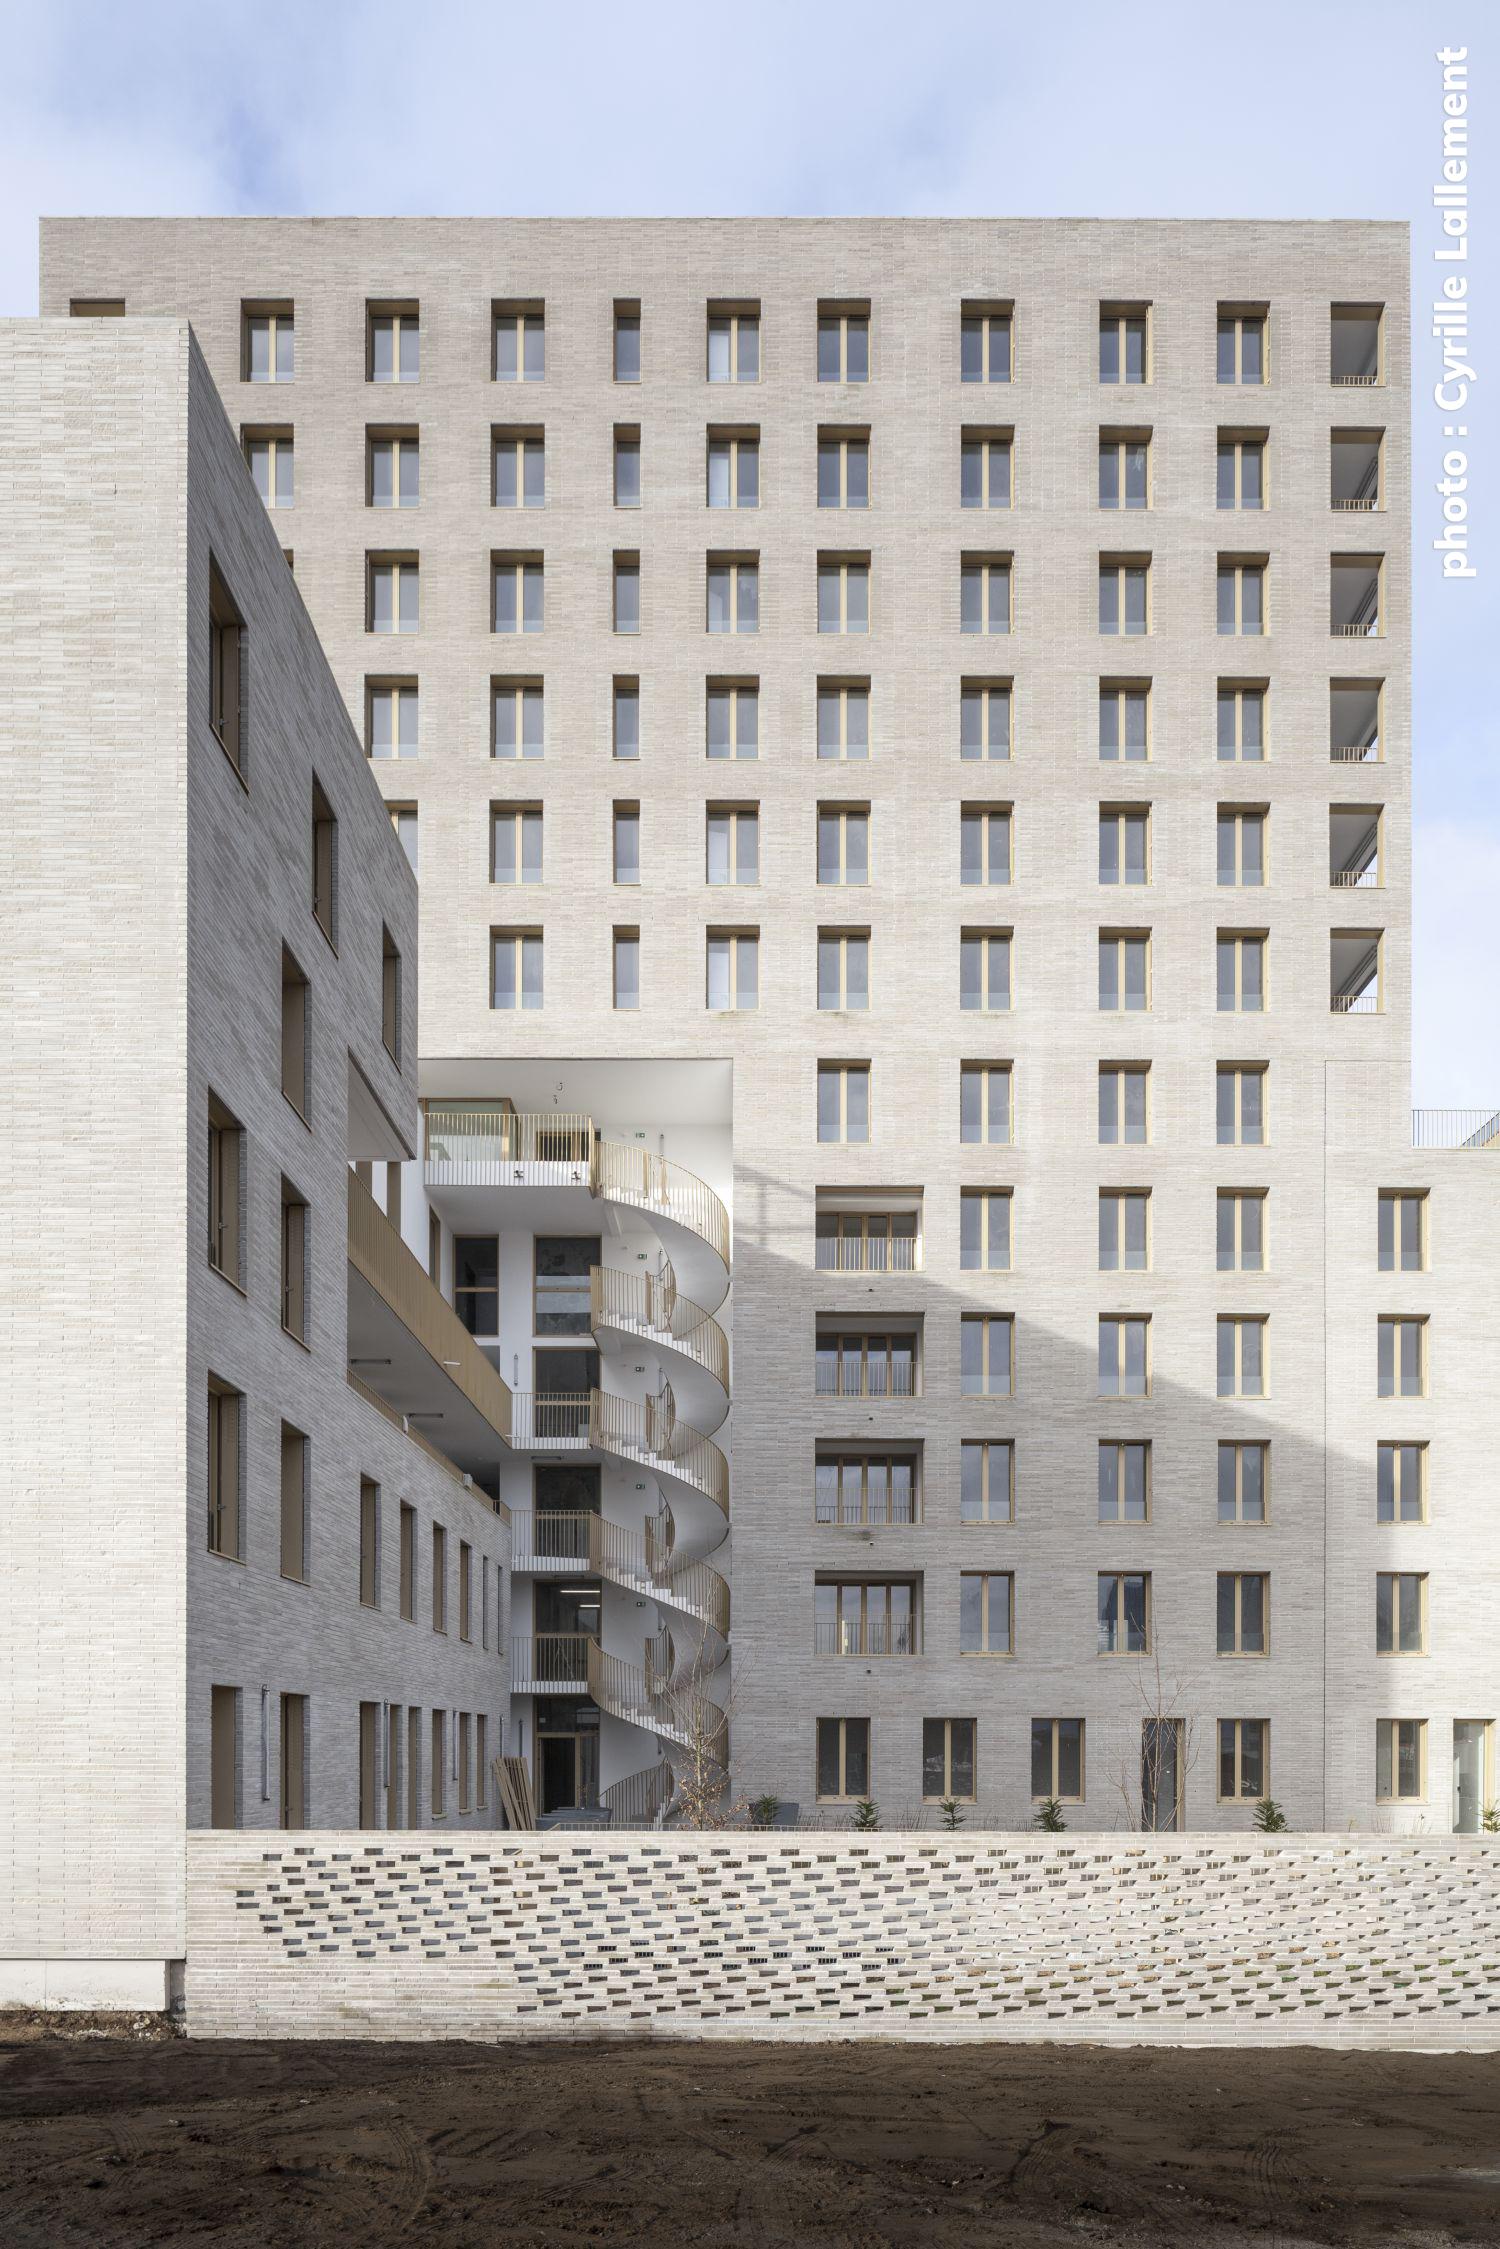 Logements à Nantes - Arch.tectône architectes urbanistes et Tact architectes © Stéphane Chalmeau et Cyrille Lallement